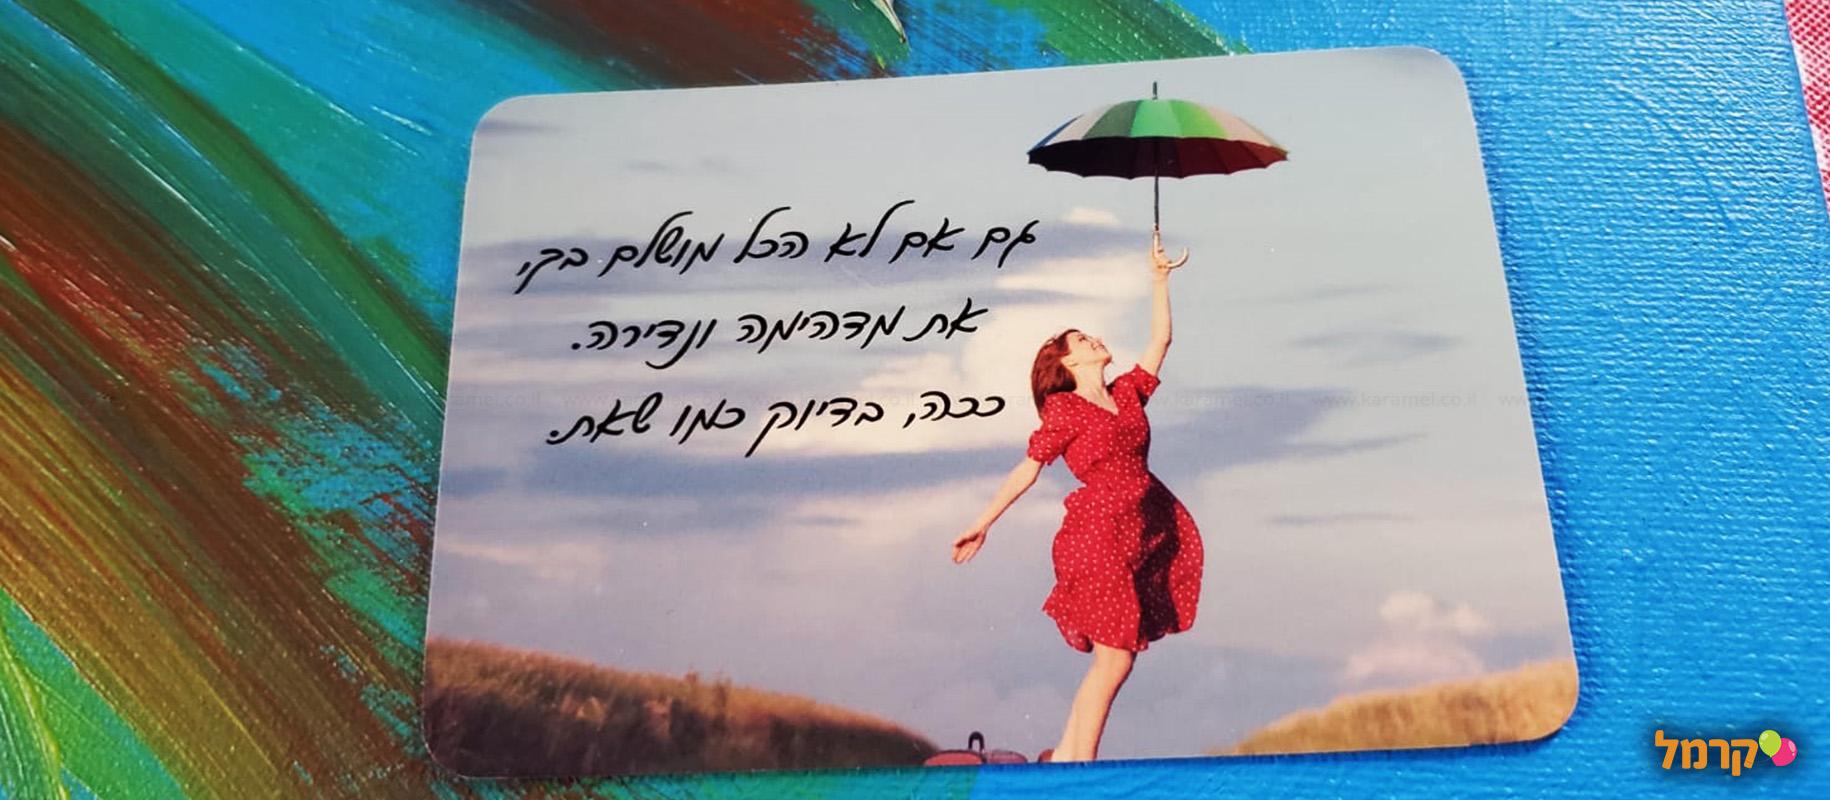 ורבר יעל - ליצור מהנפש - 073-7025118